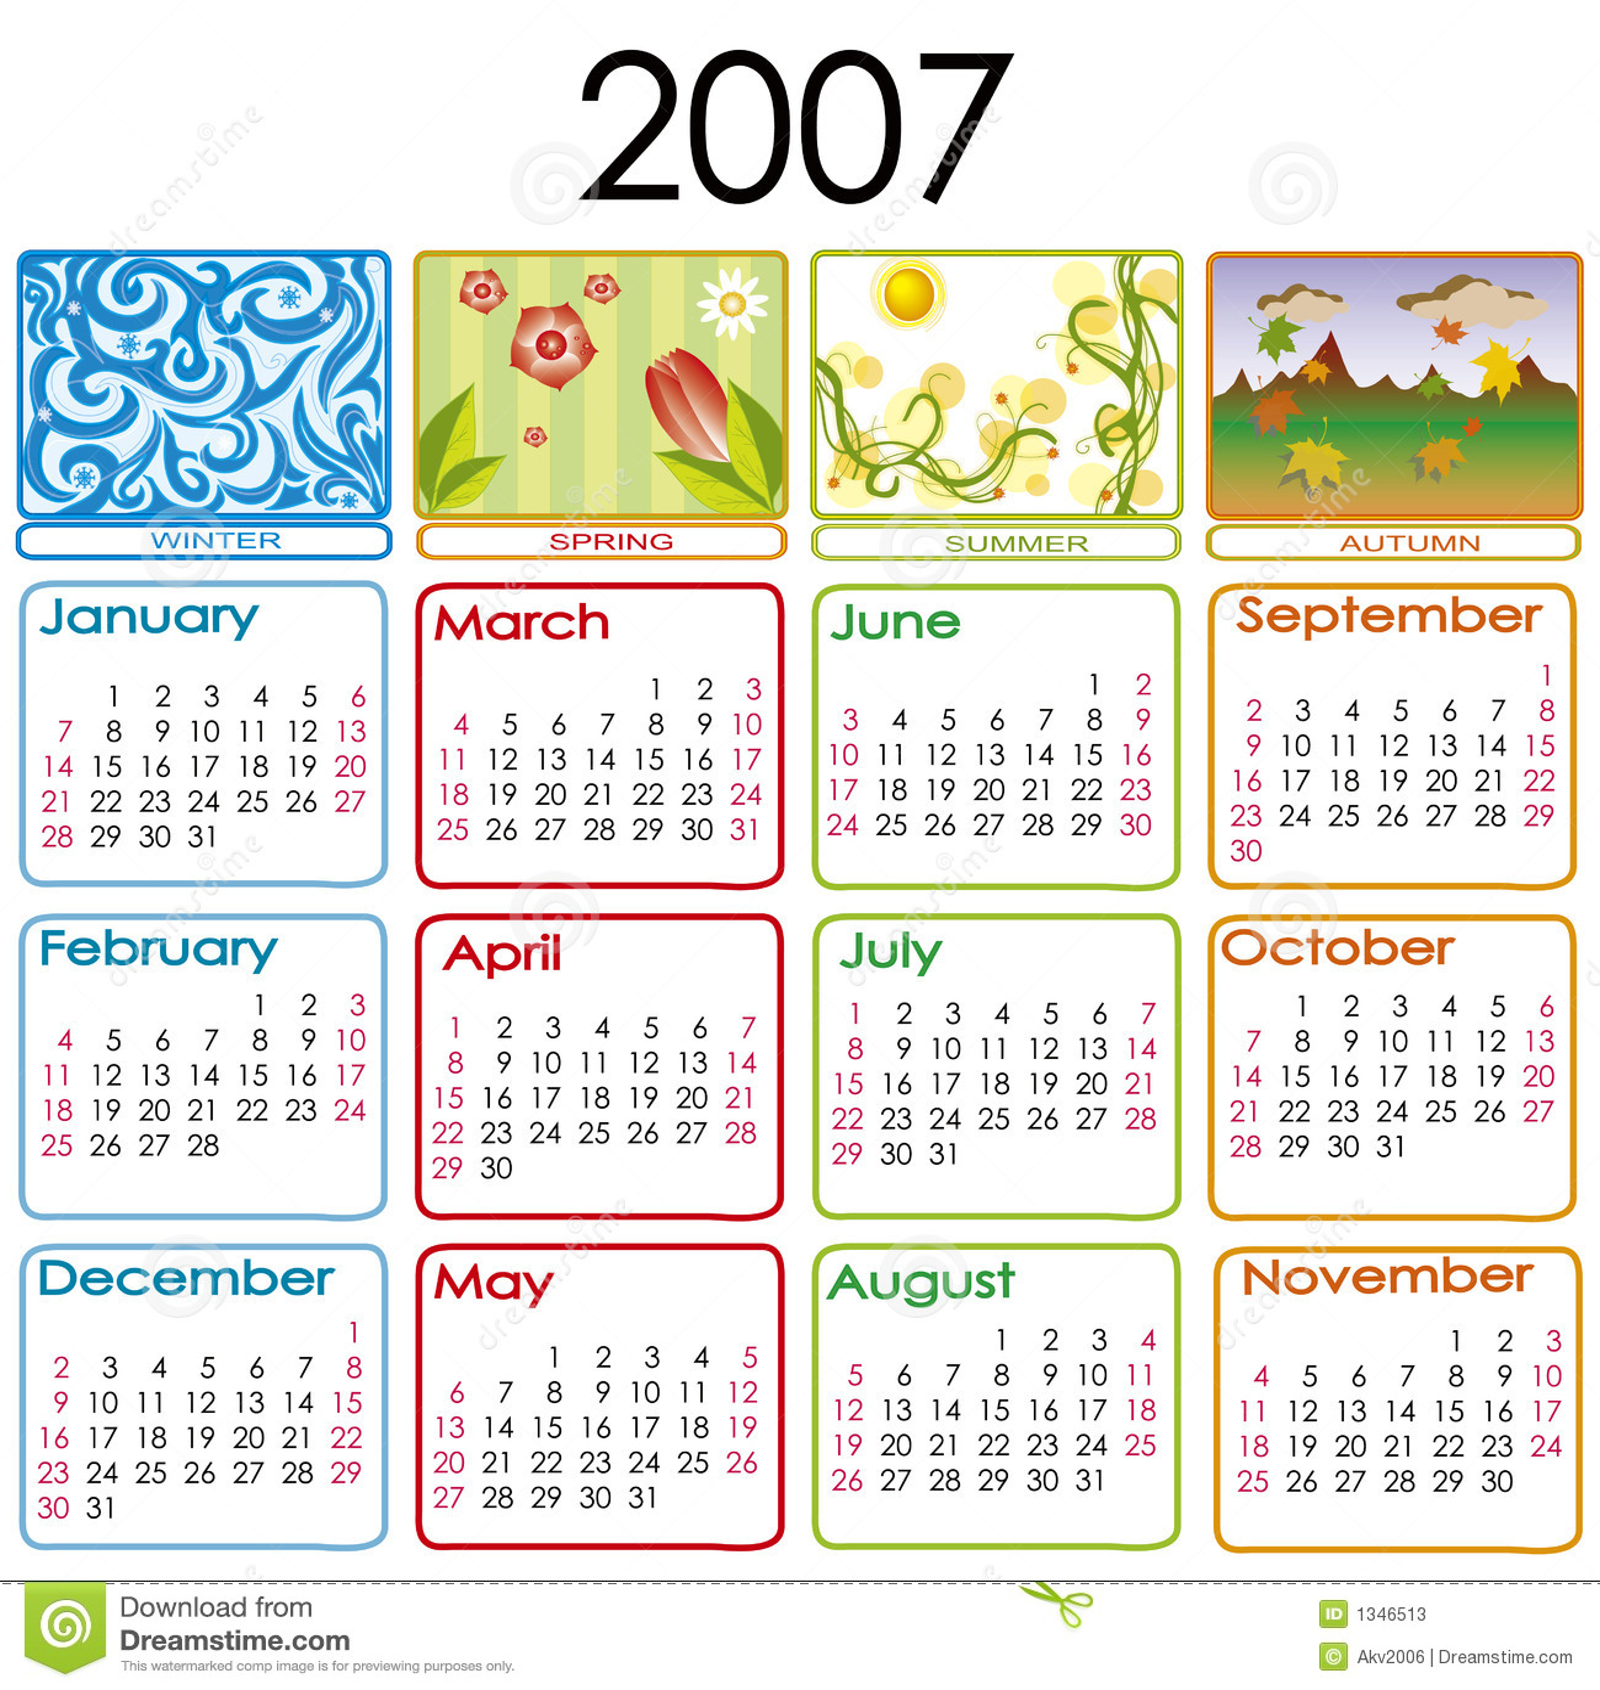 Calendar For 2007 Stock Photos